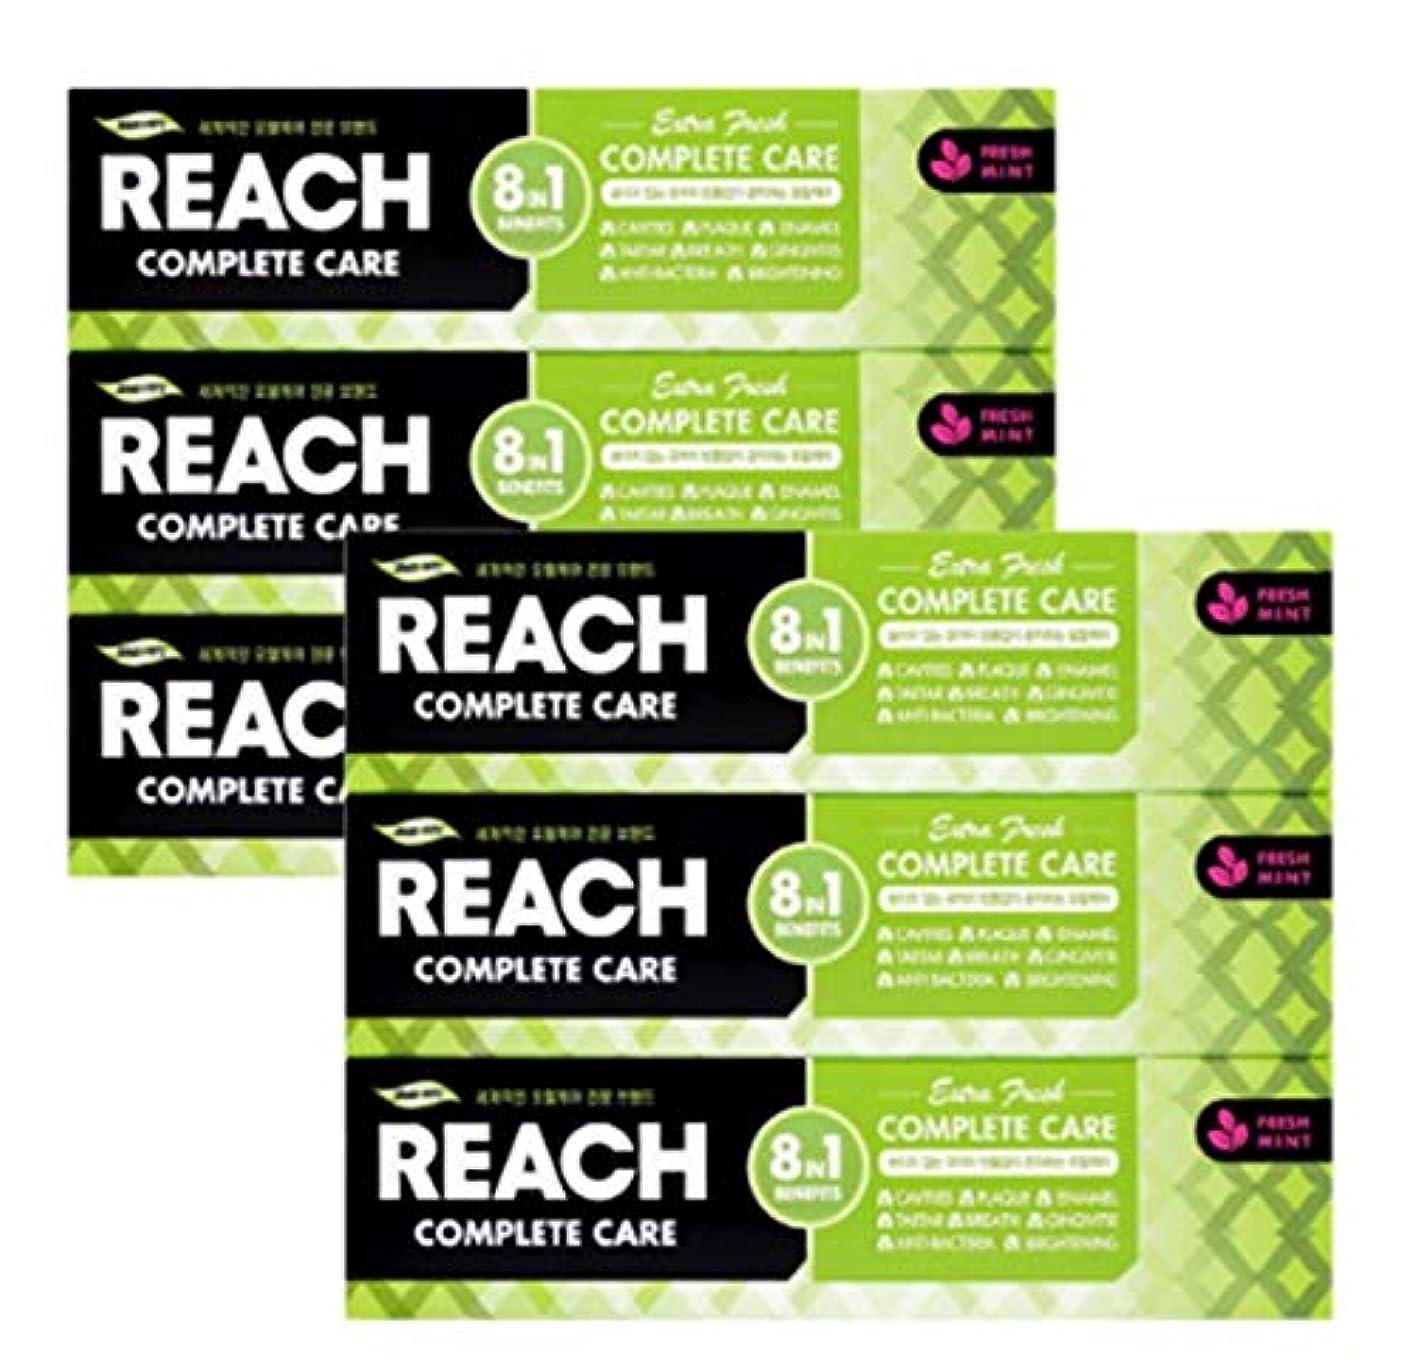 創造選挙あご[LG生活と健康] LG Rich Complete Care Toothpaste Extra Freshリッチコンプリートケア歯磨き粉エクストラフレッシュ120gx6つの(海外直送品)